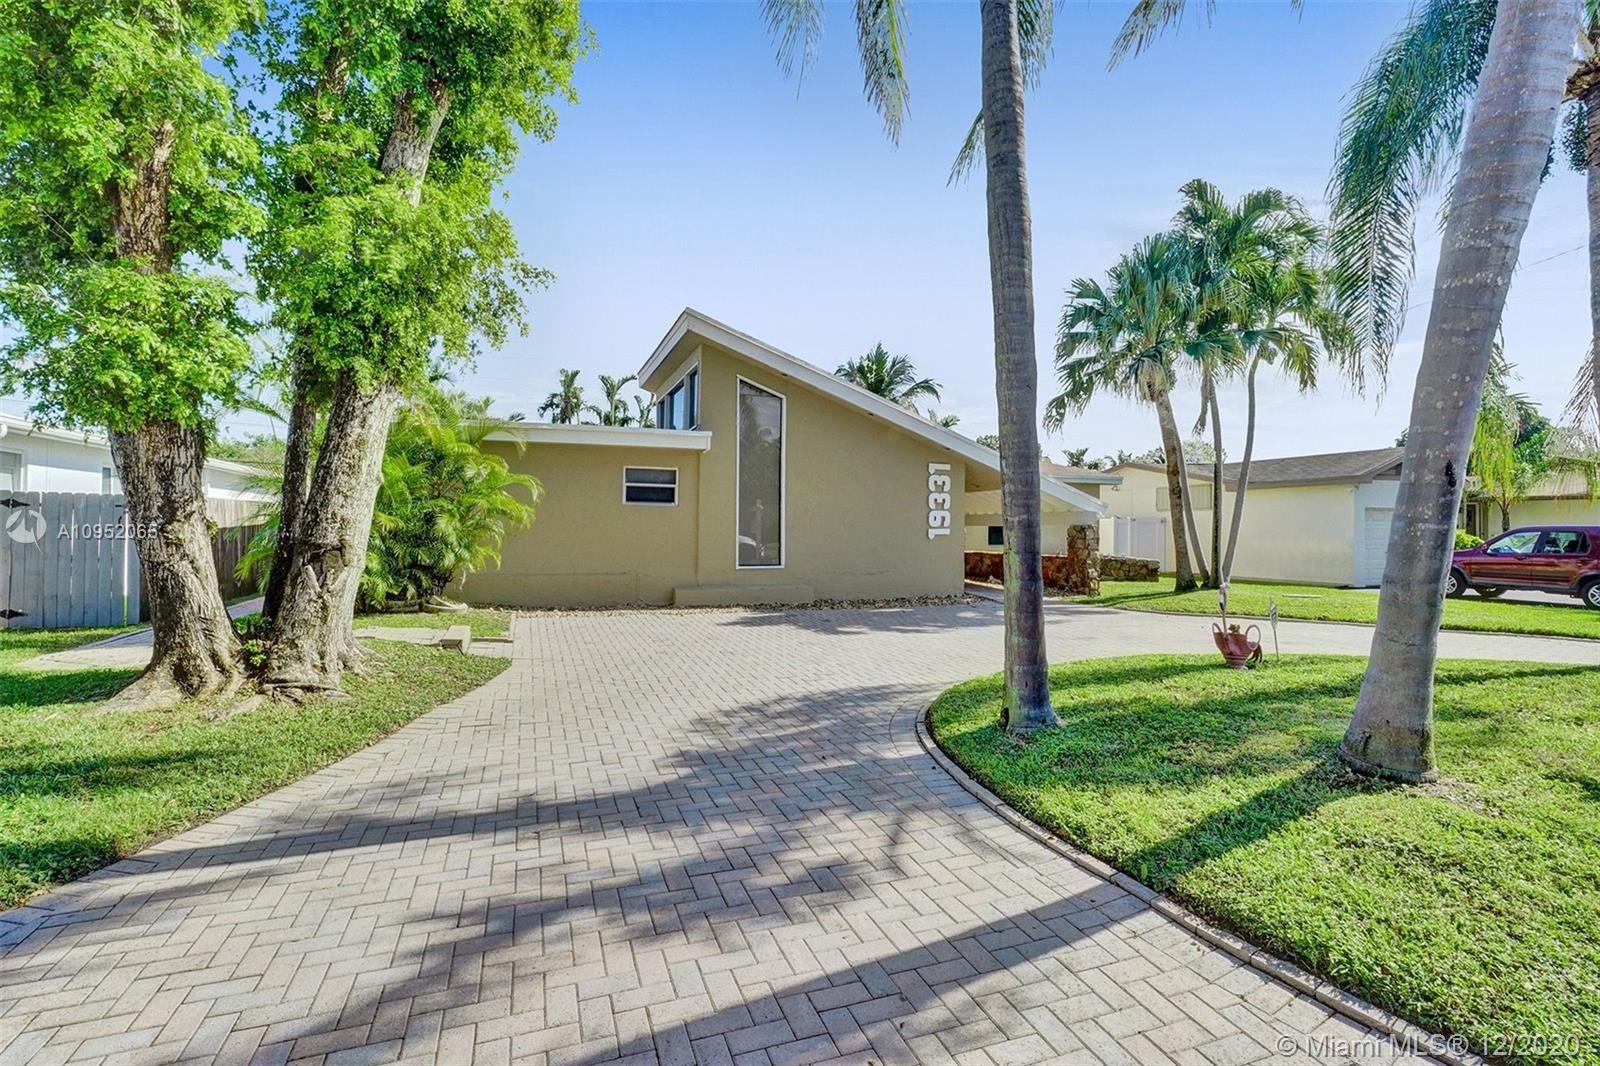 19331 NE 18th Ct, Miami, FL 33179 - #: A10952065